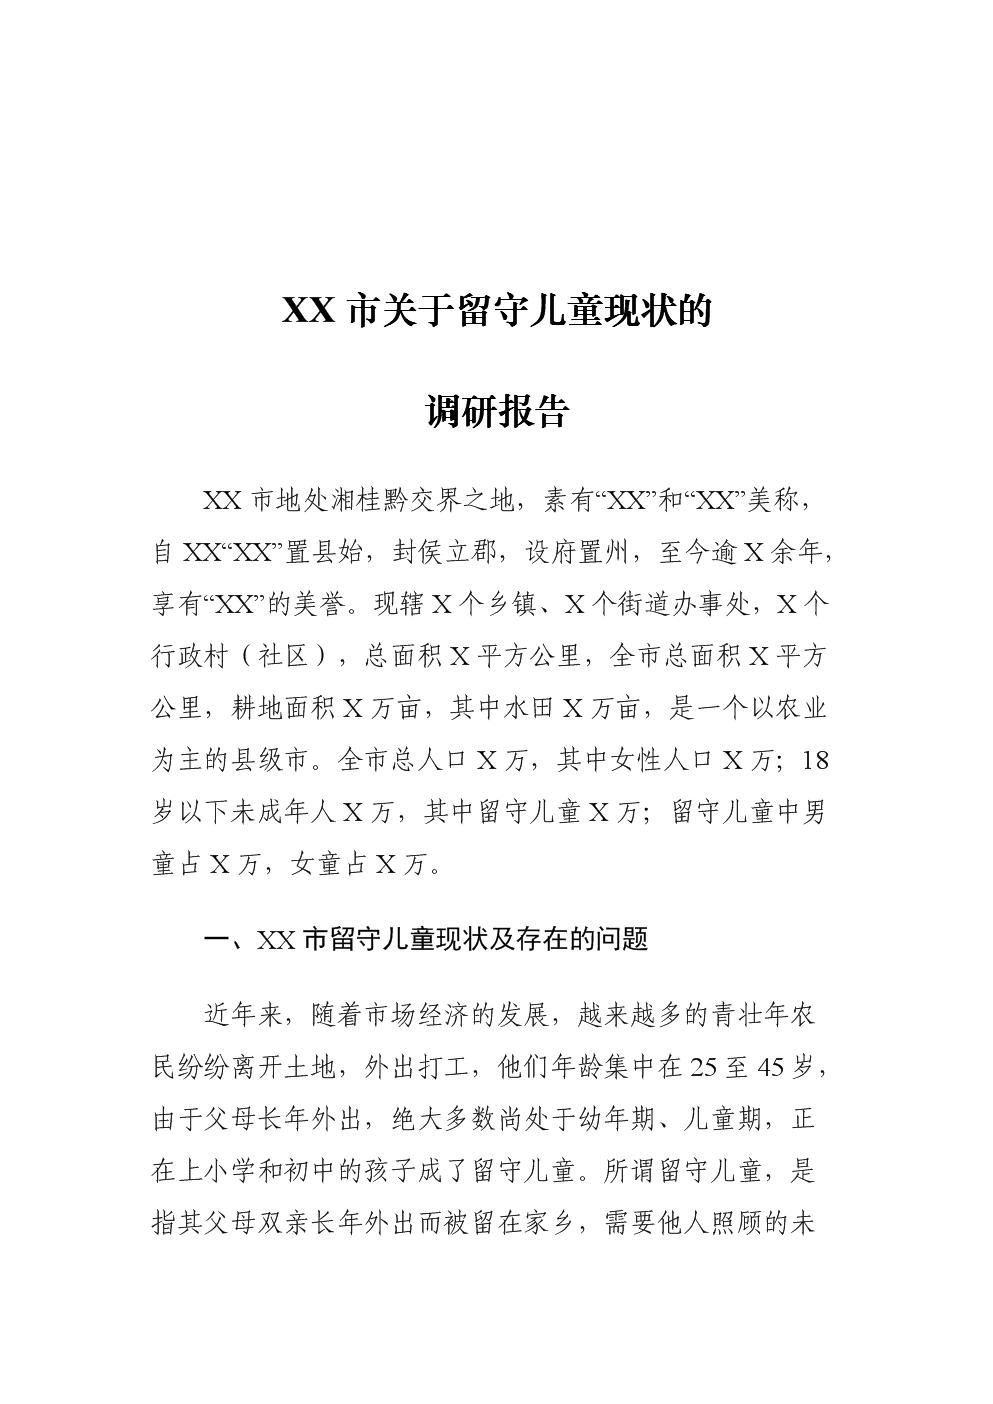 XX市关于留守儿童现状的调研报告.docx